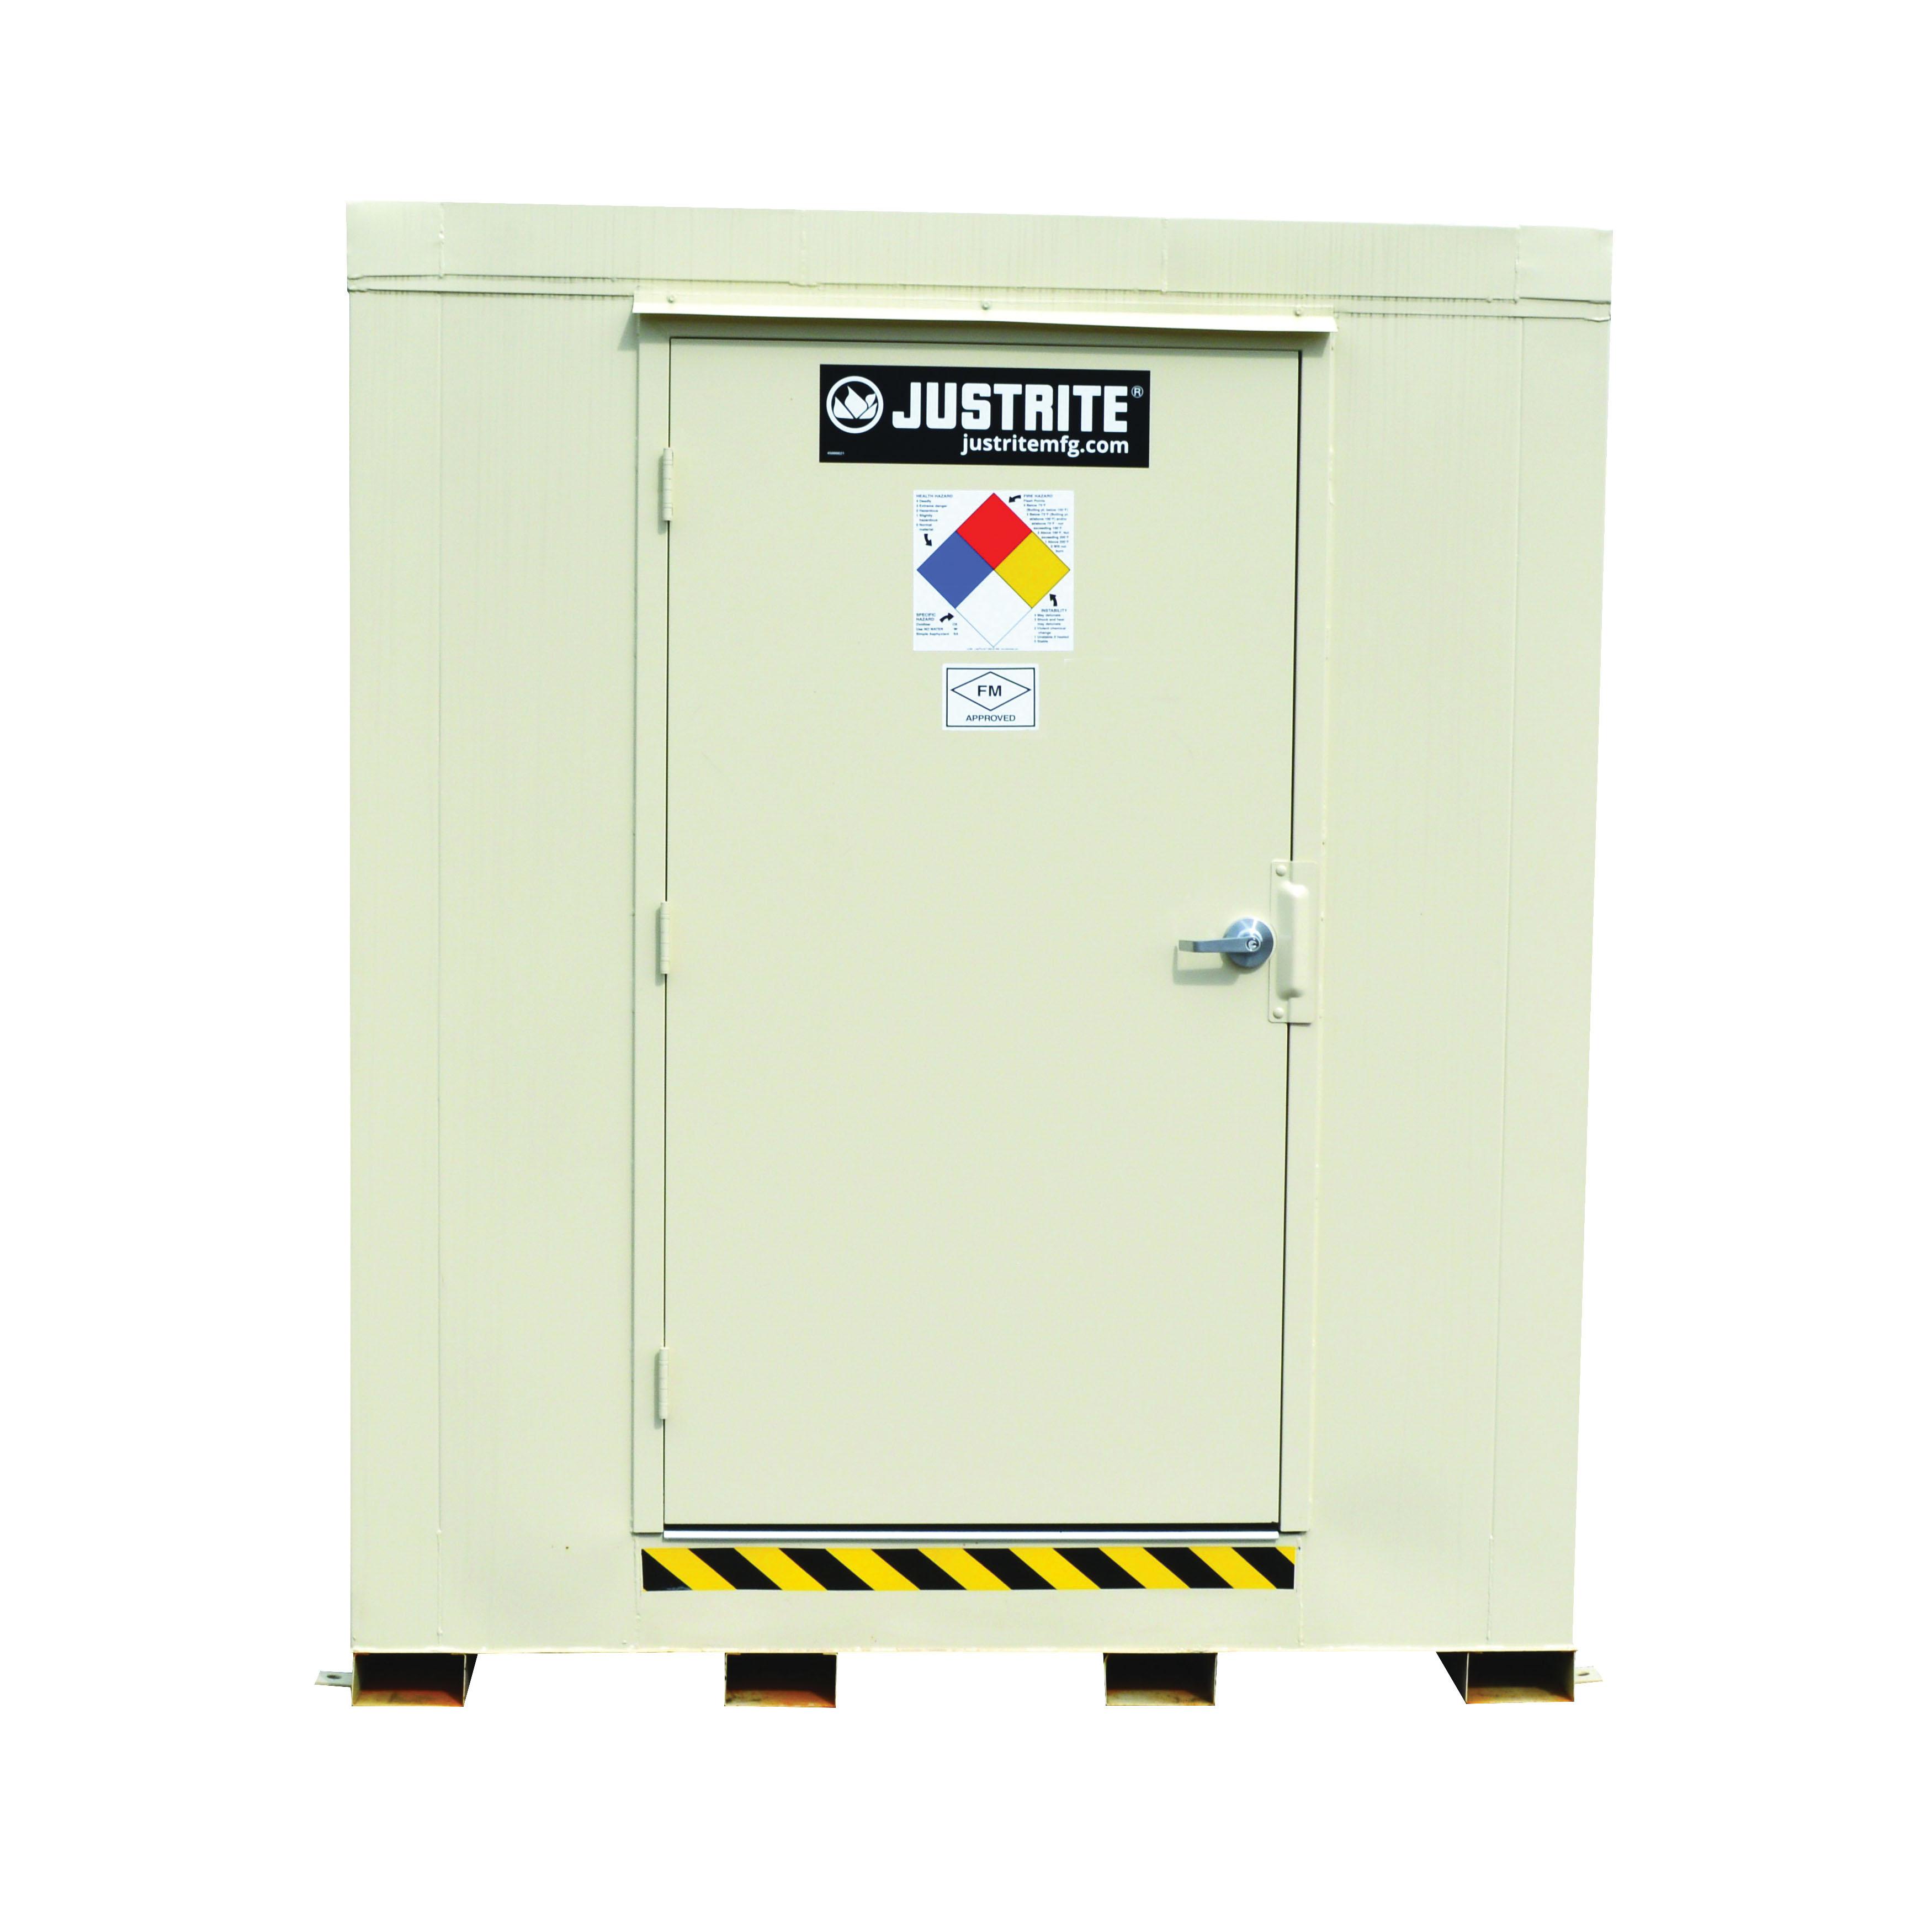 Justrite® 912040 Outdoor Safety Locker, 2 hr Fire Rating, 75 in H x 64 in W x 64 in D, Fire-Rated Door, 1 Doors, Heavy Gauge Steel, Bone